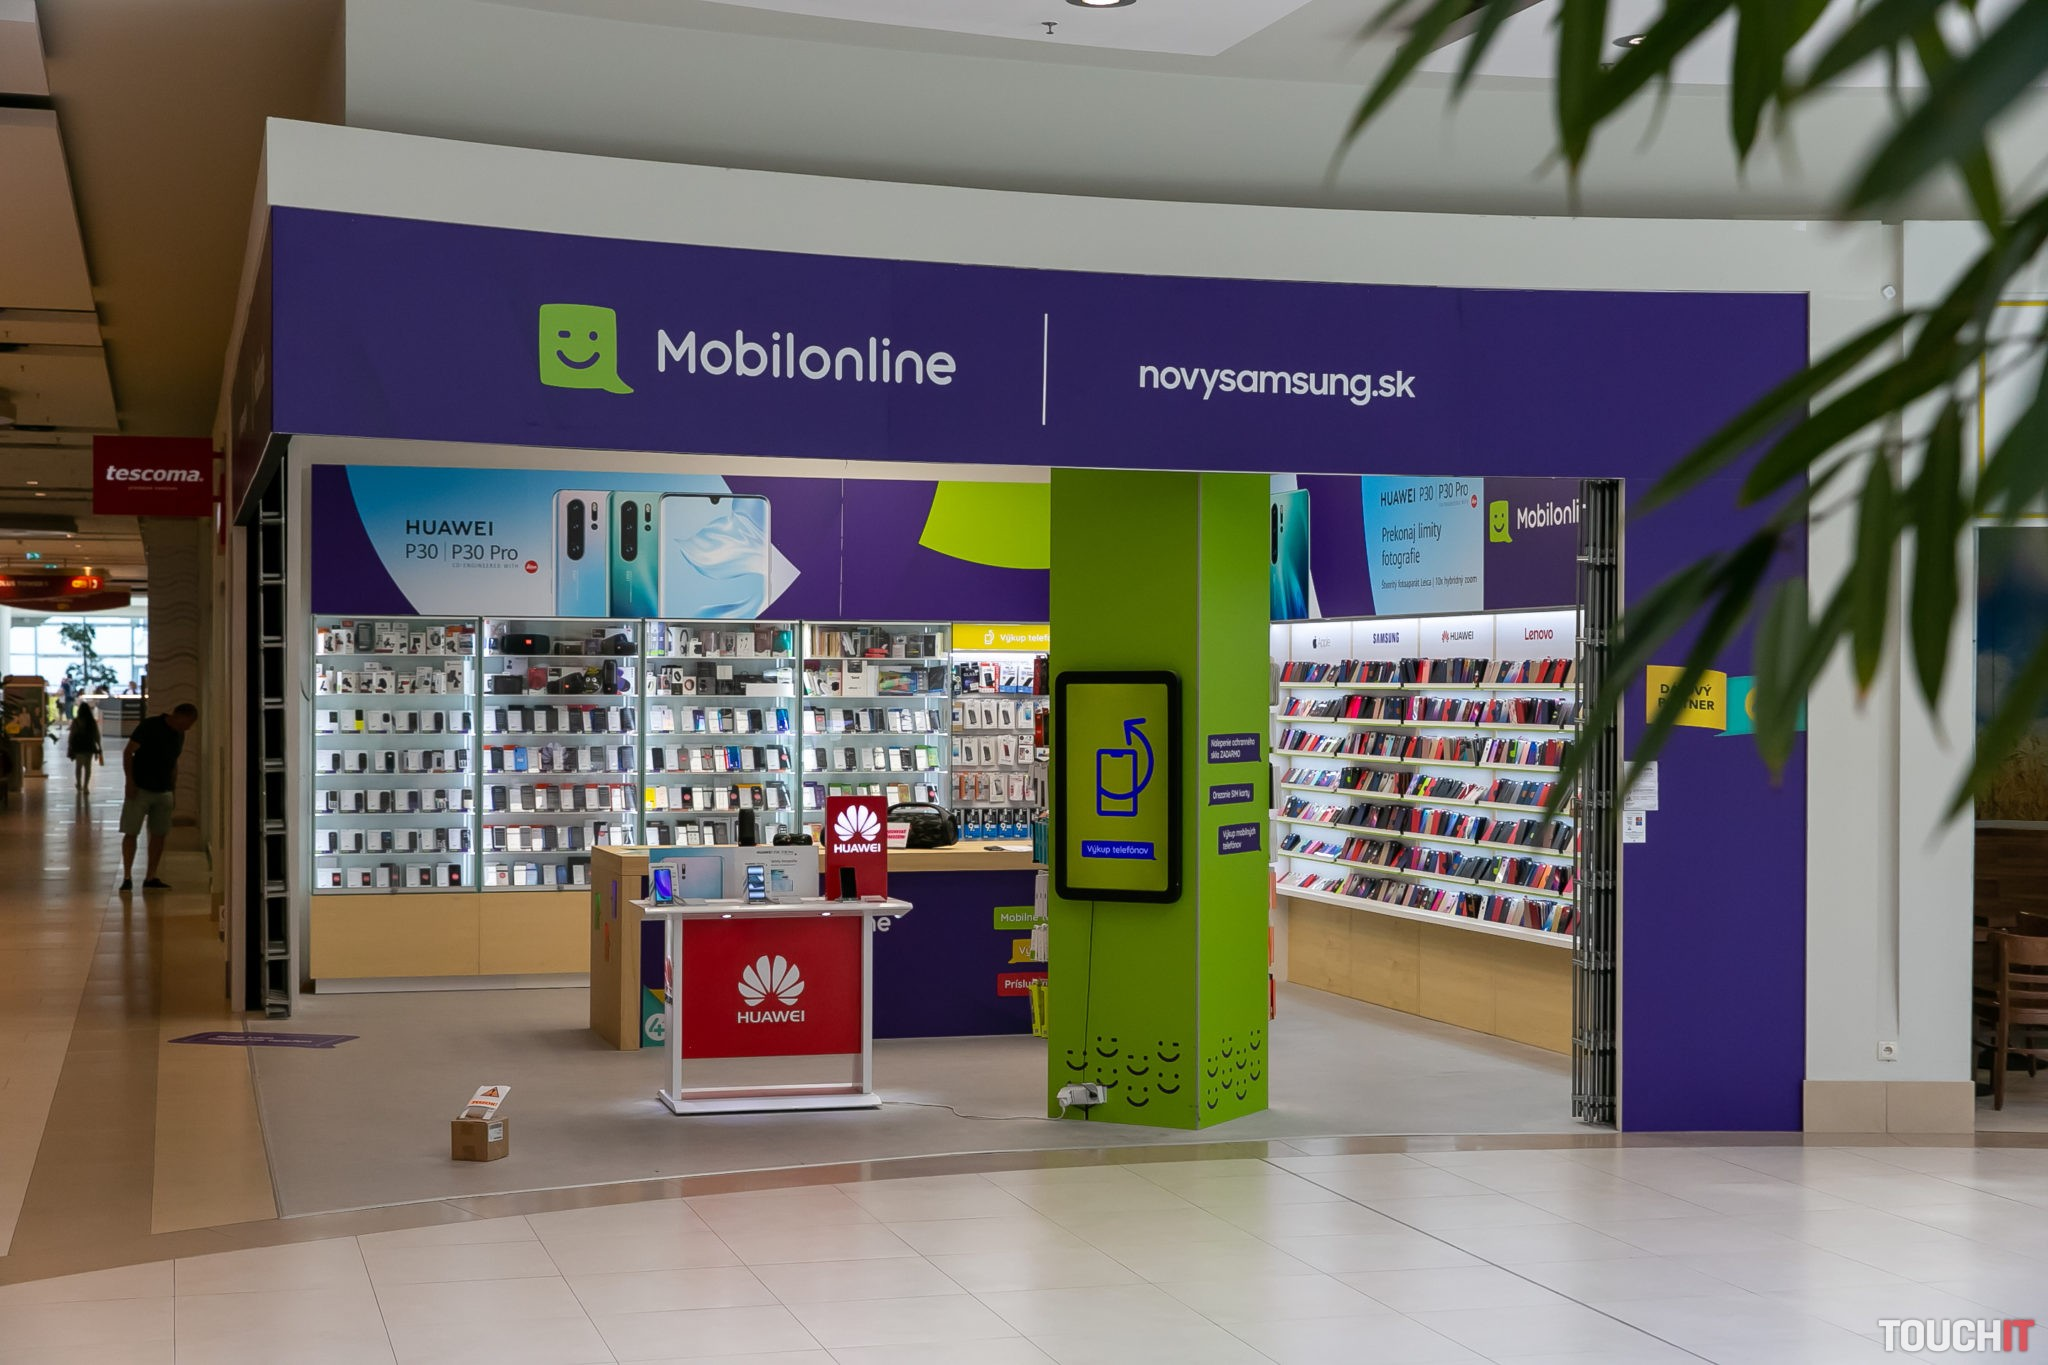 Výkupné miesto, ktoré sme navštívili v obchodnom centre Polus v Bratislave